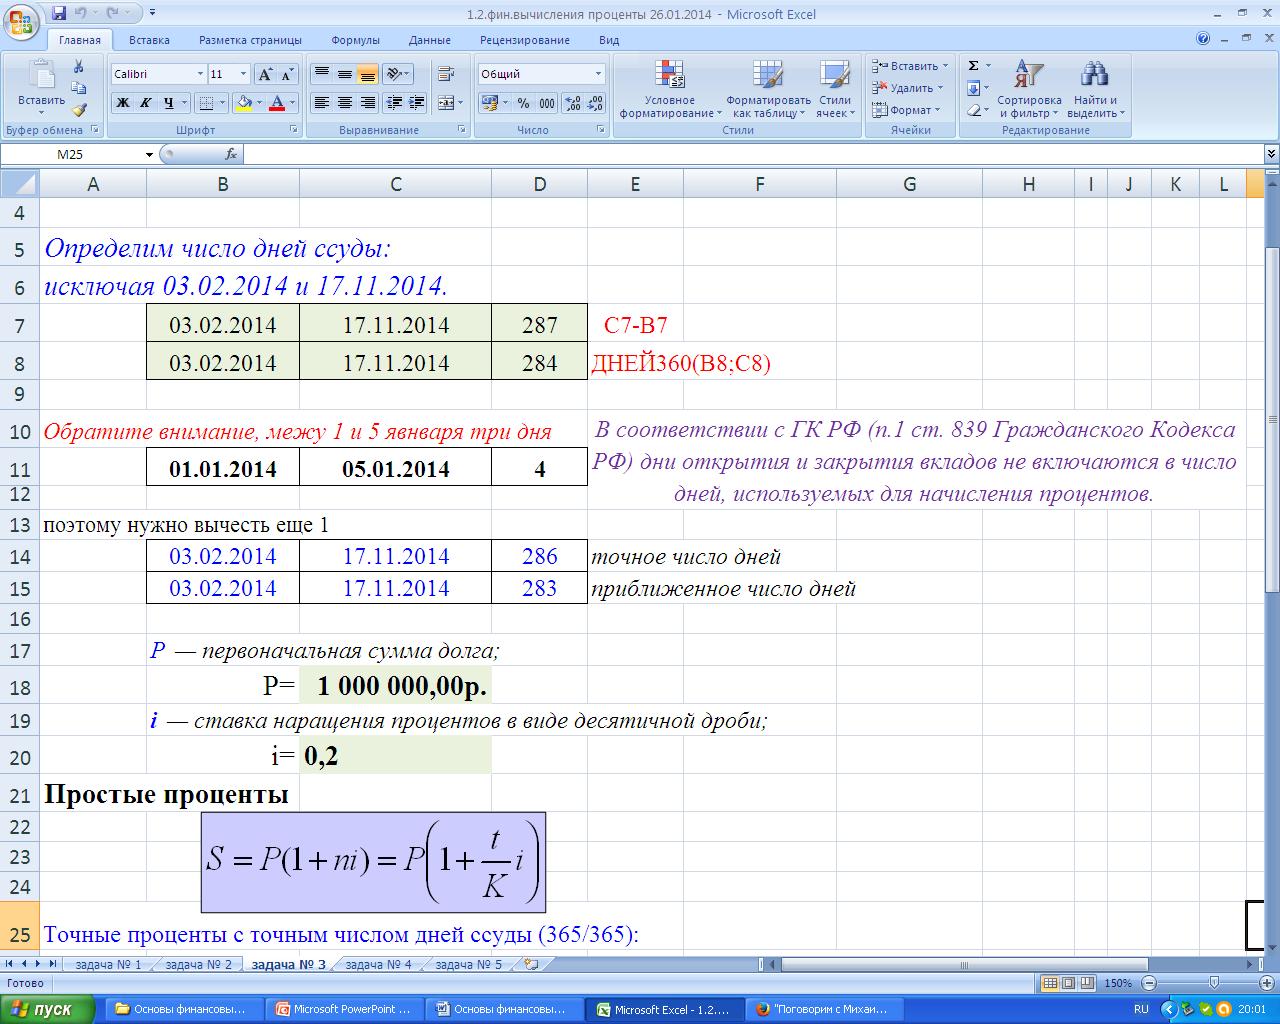 Как посчитать процент от суммы чисел в Excel 1